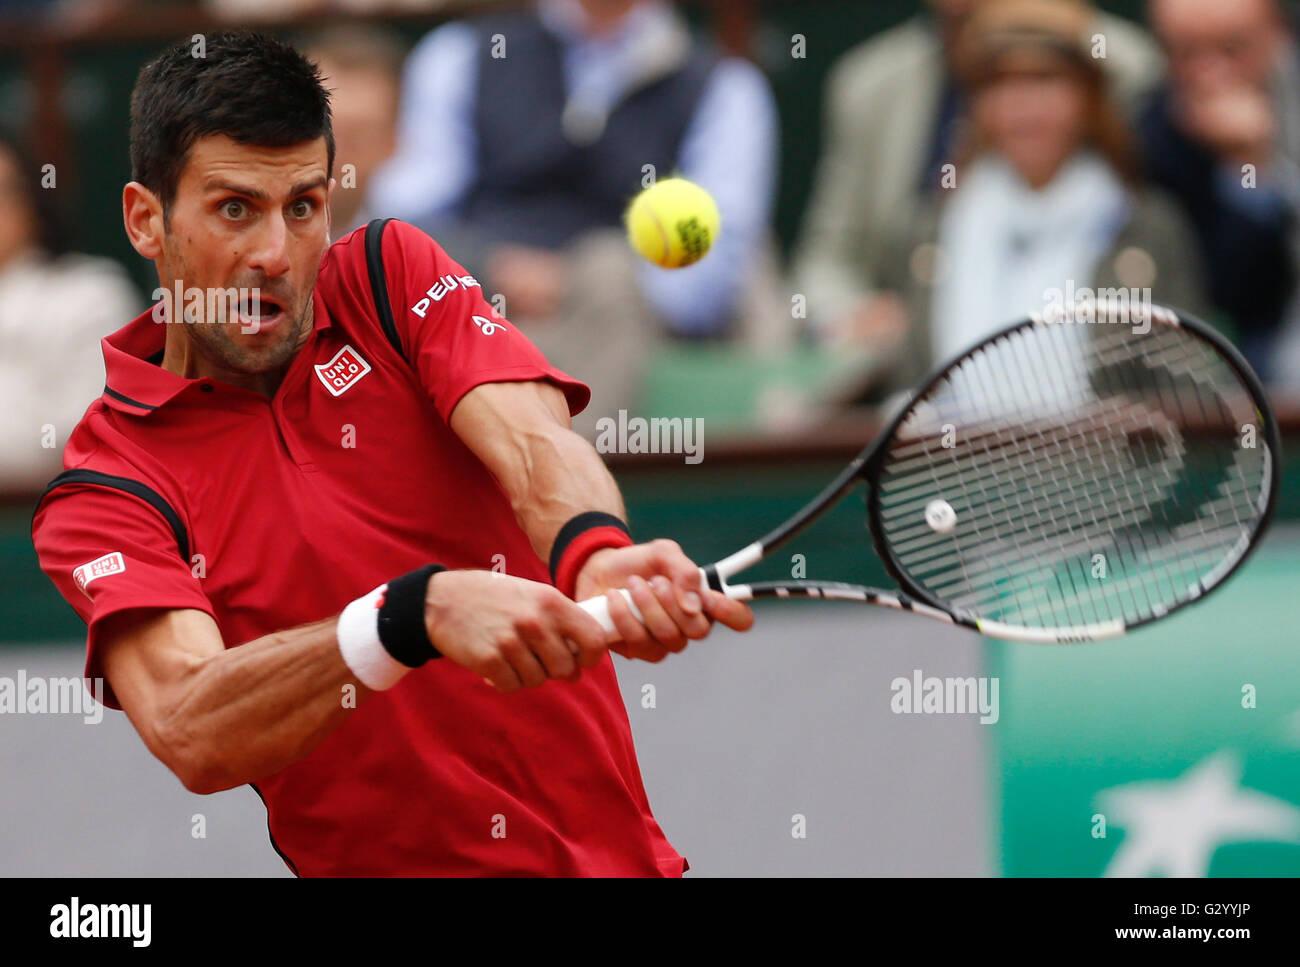 Parigi, Francia. 5 Giugno, 2016. Novak Djokovic di Serbia colpisce un ritorno di Andy Murray della Gran Bretagna Immagini Stock